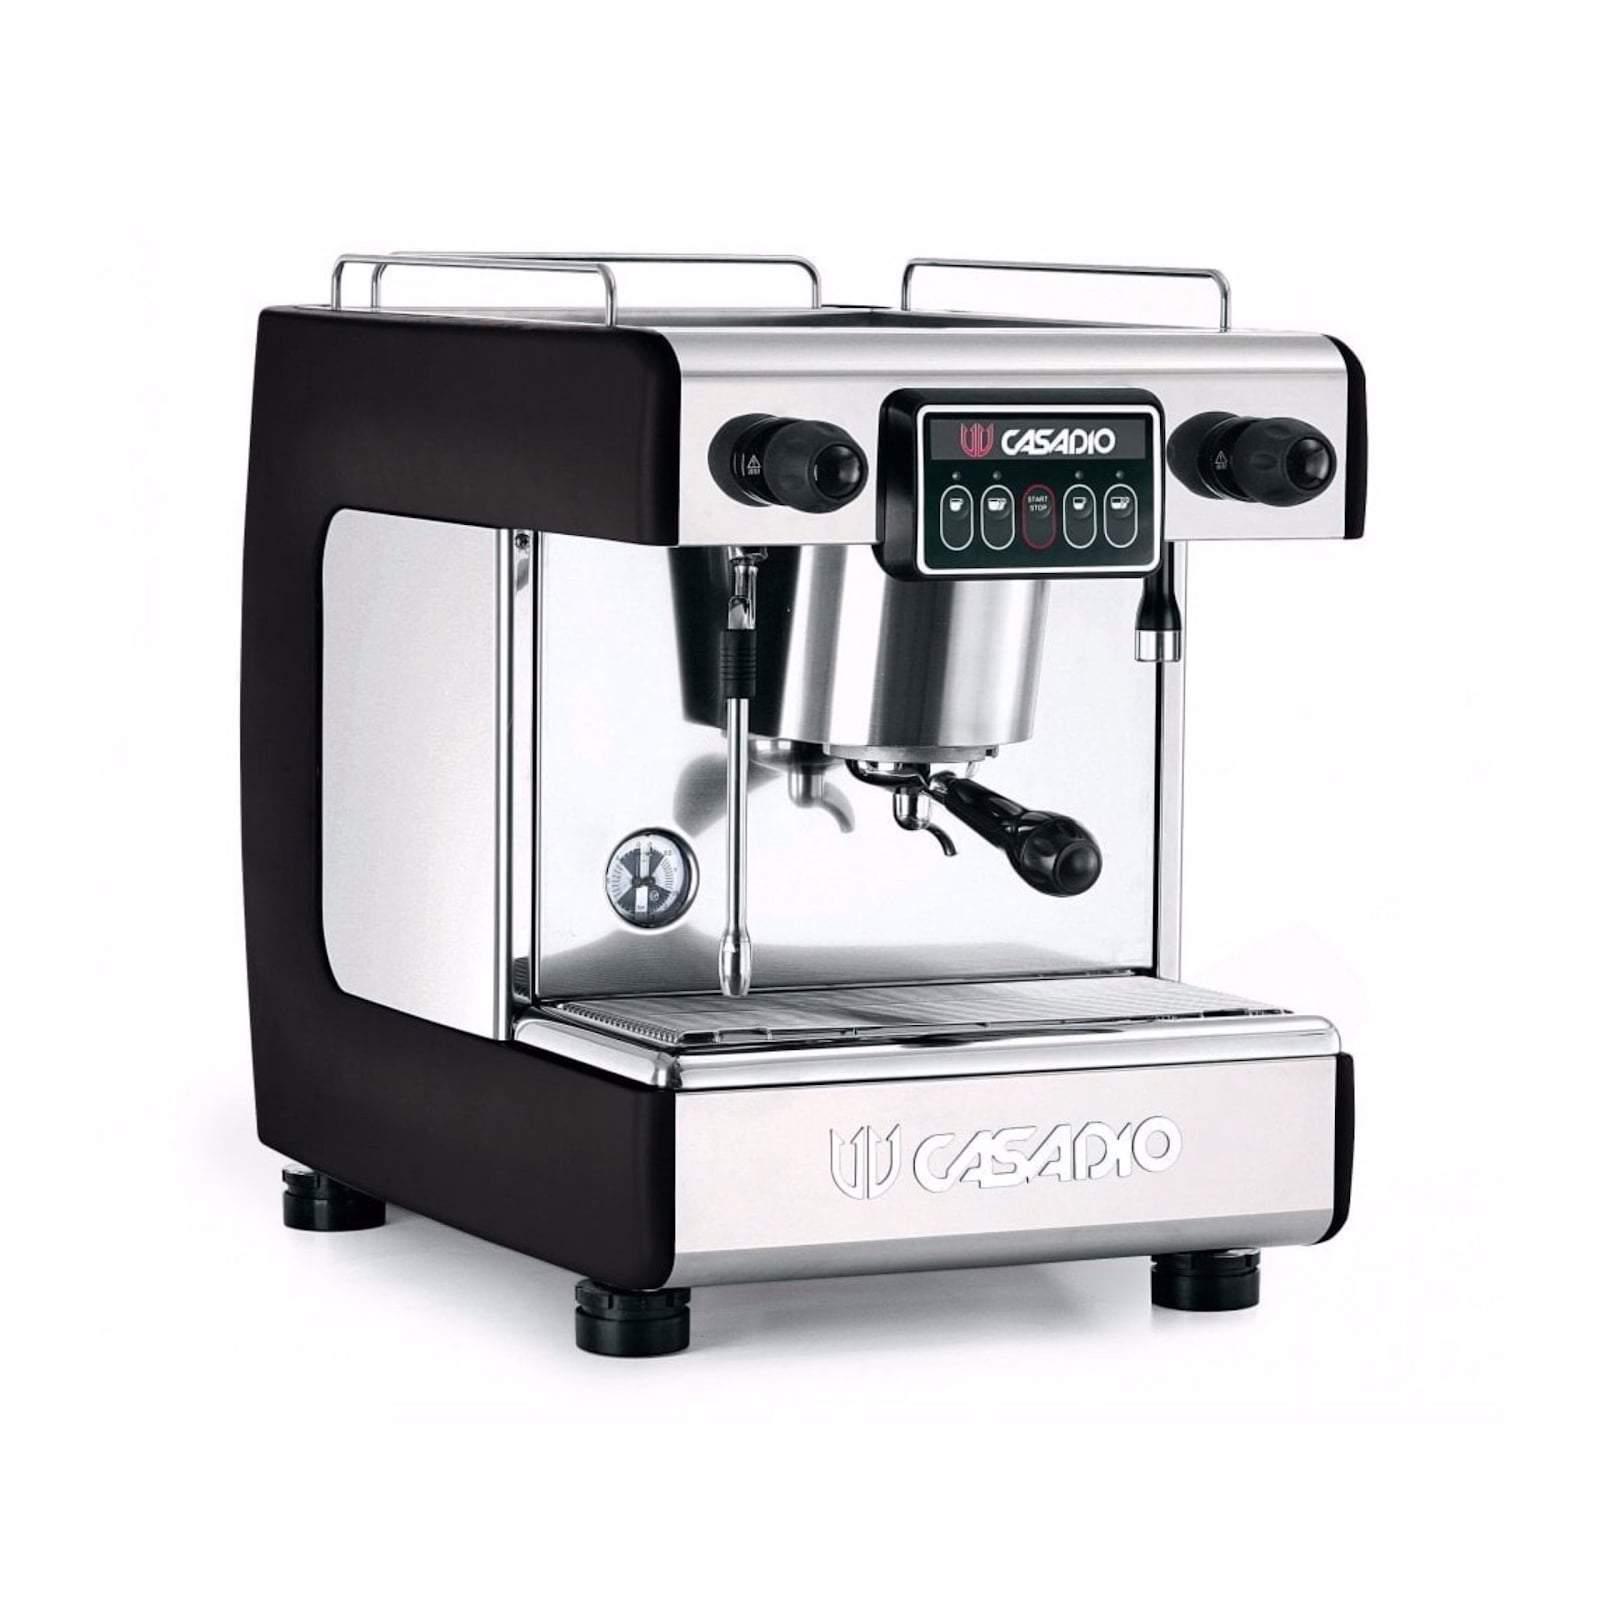 công suất máy pha cà phê